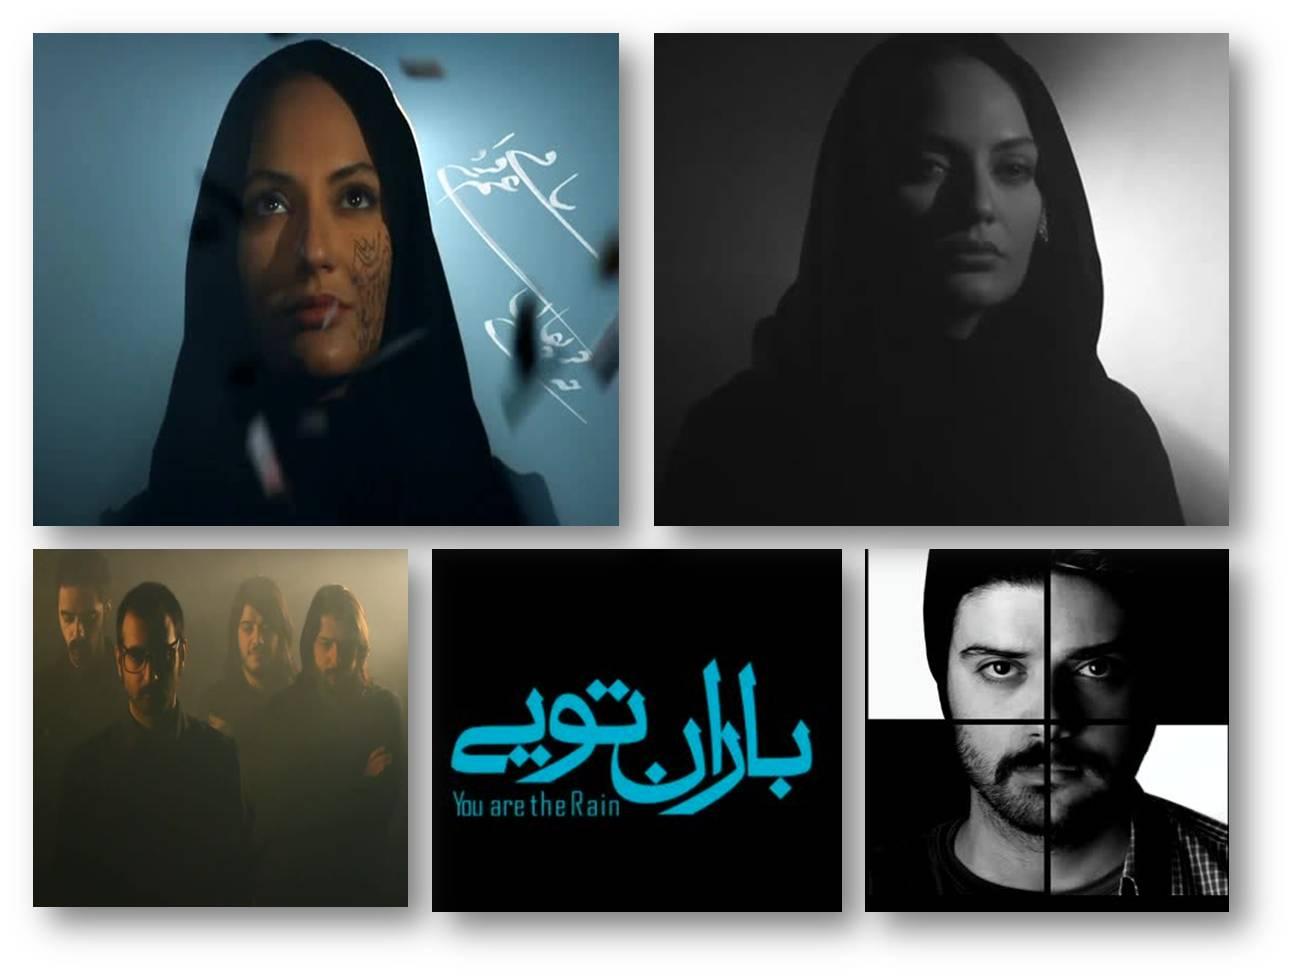 دانلود تیزر آلبوم گروه چارتار - باران تویی با حضور مهناز افشار